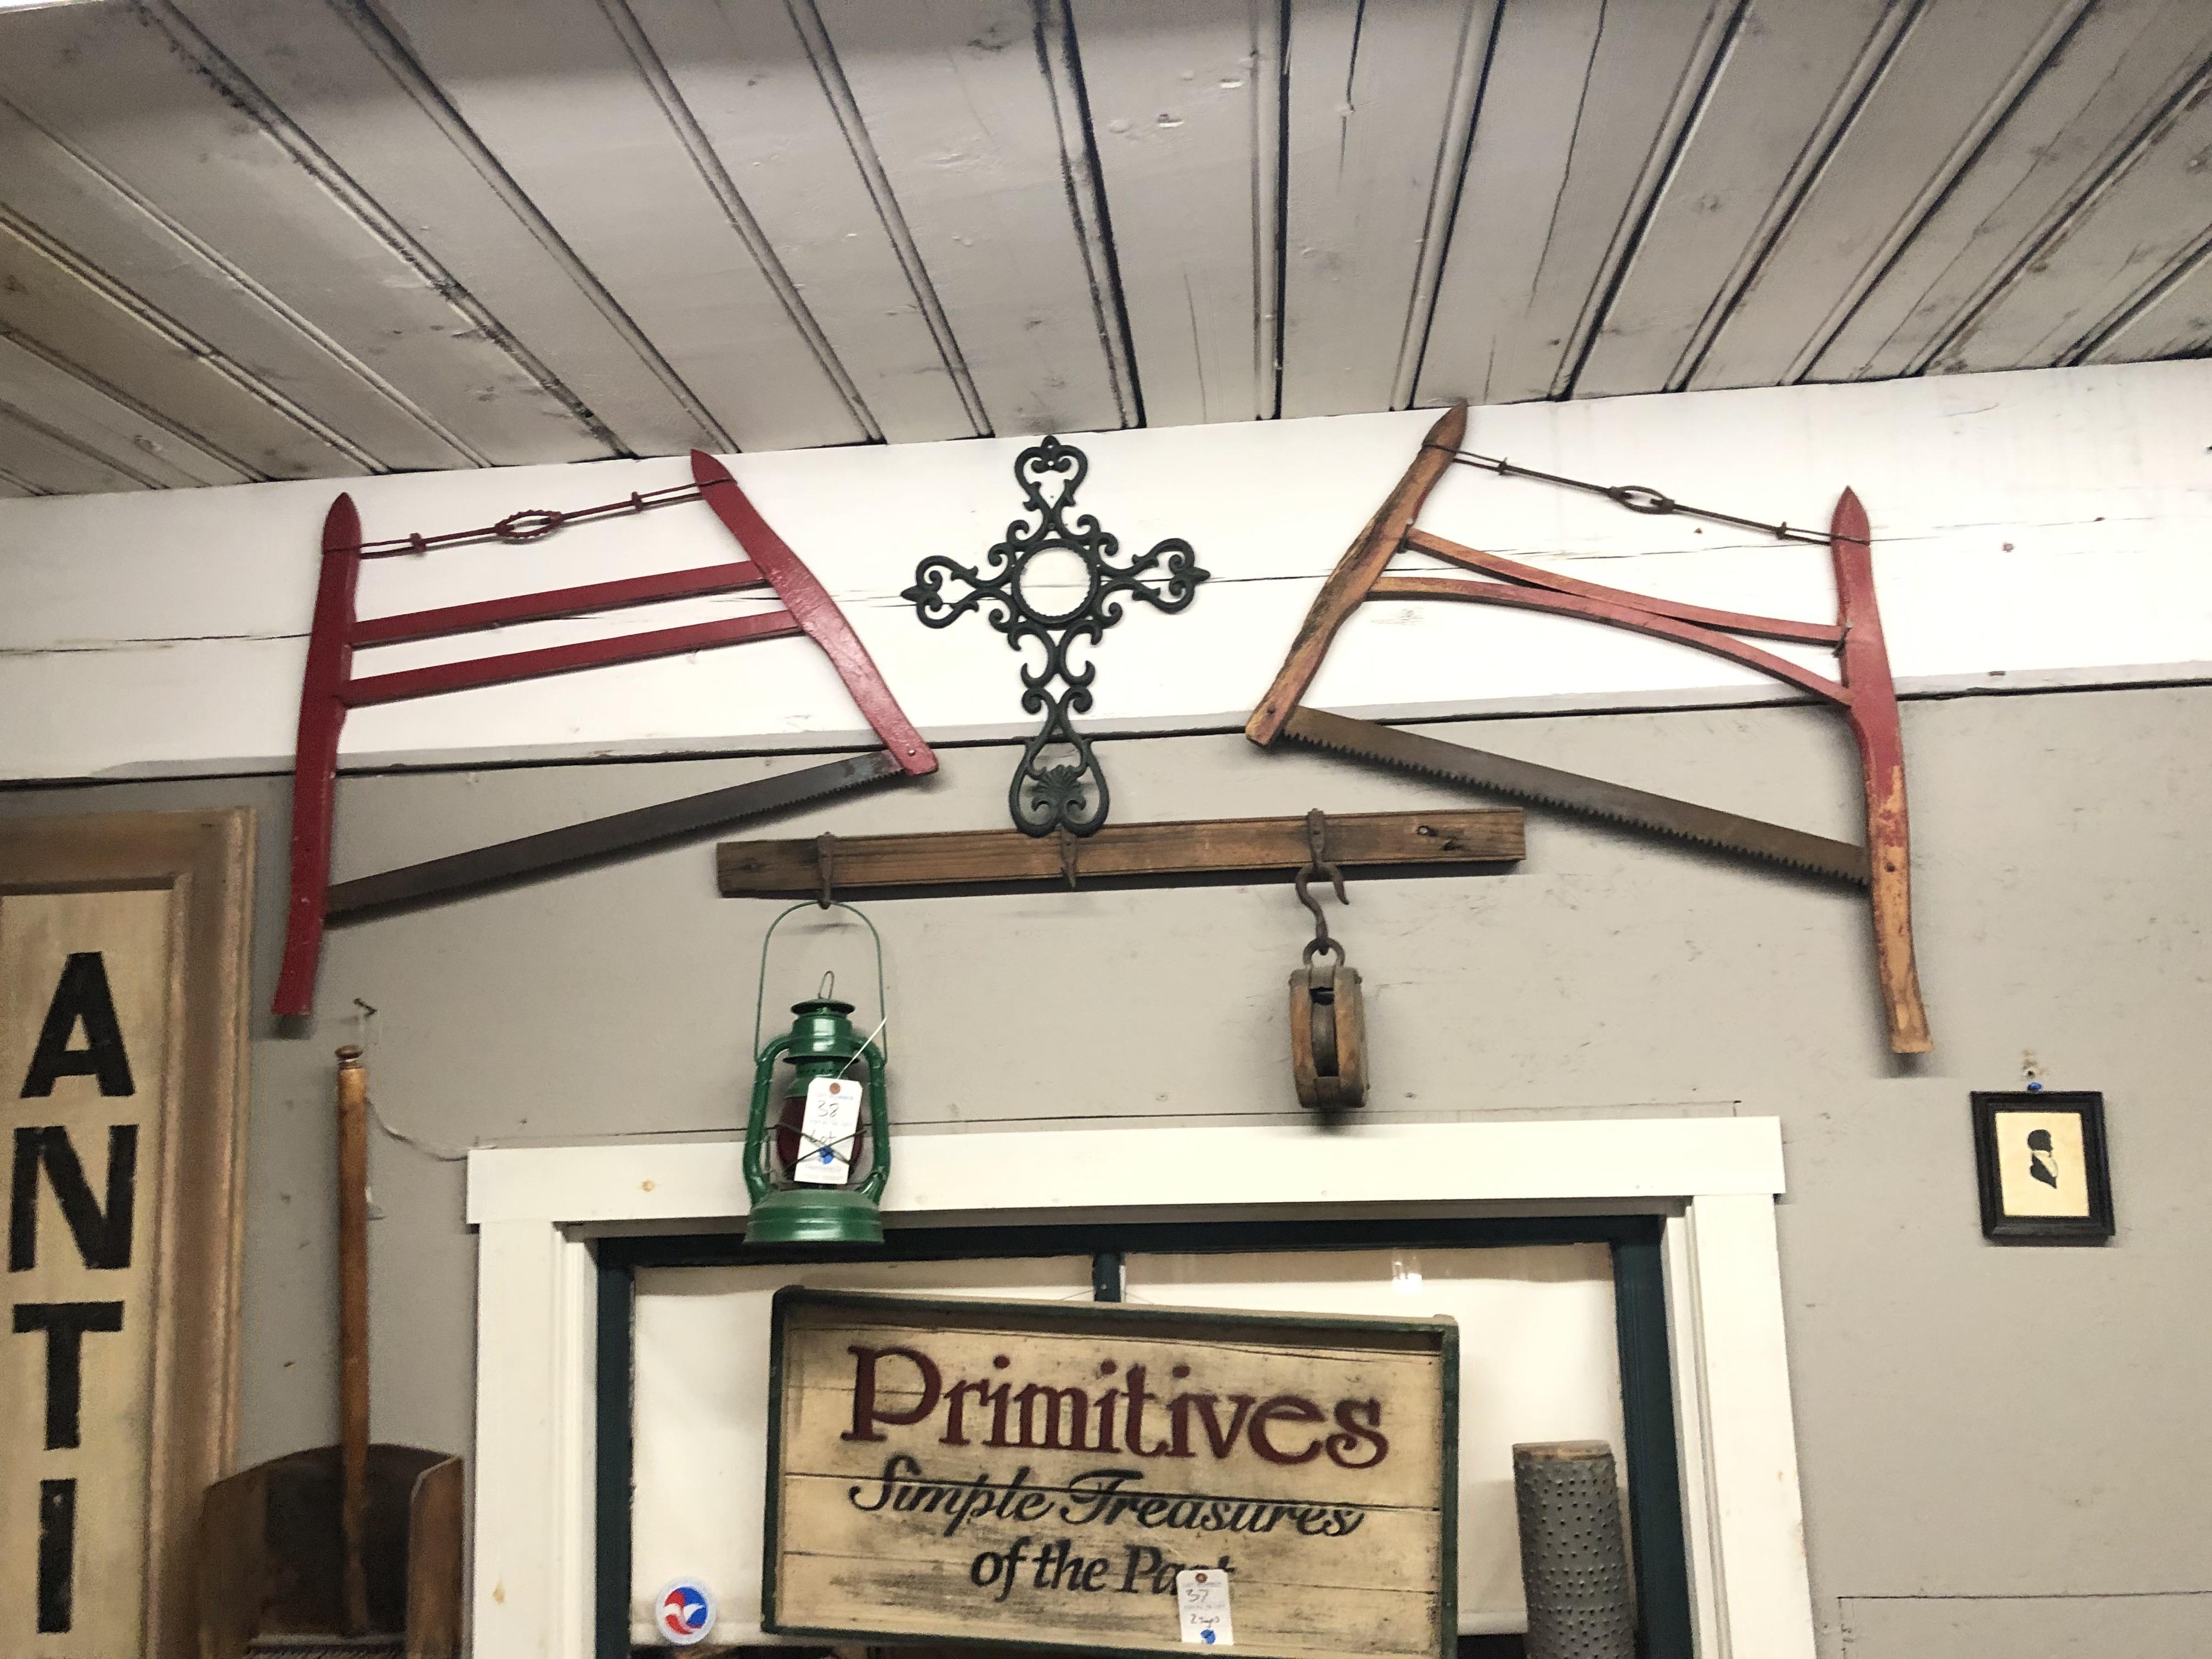 {LOT} On Wall c/o: Lantern, Pulley (2) Hand Saws, Rake & Rack - Image 2 of 2